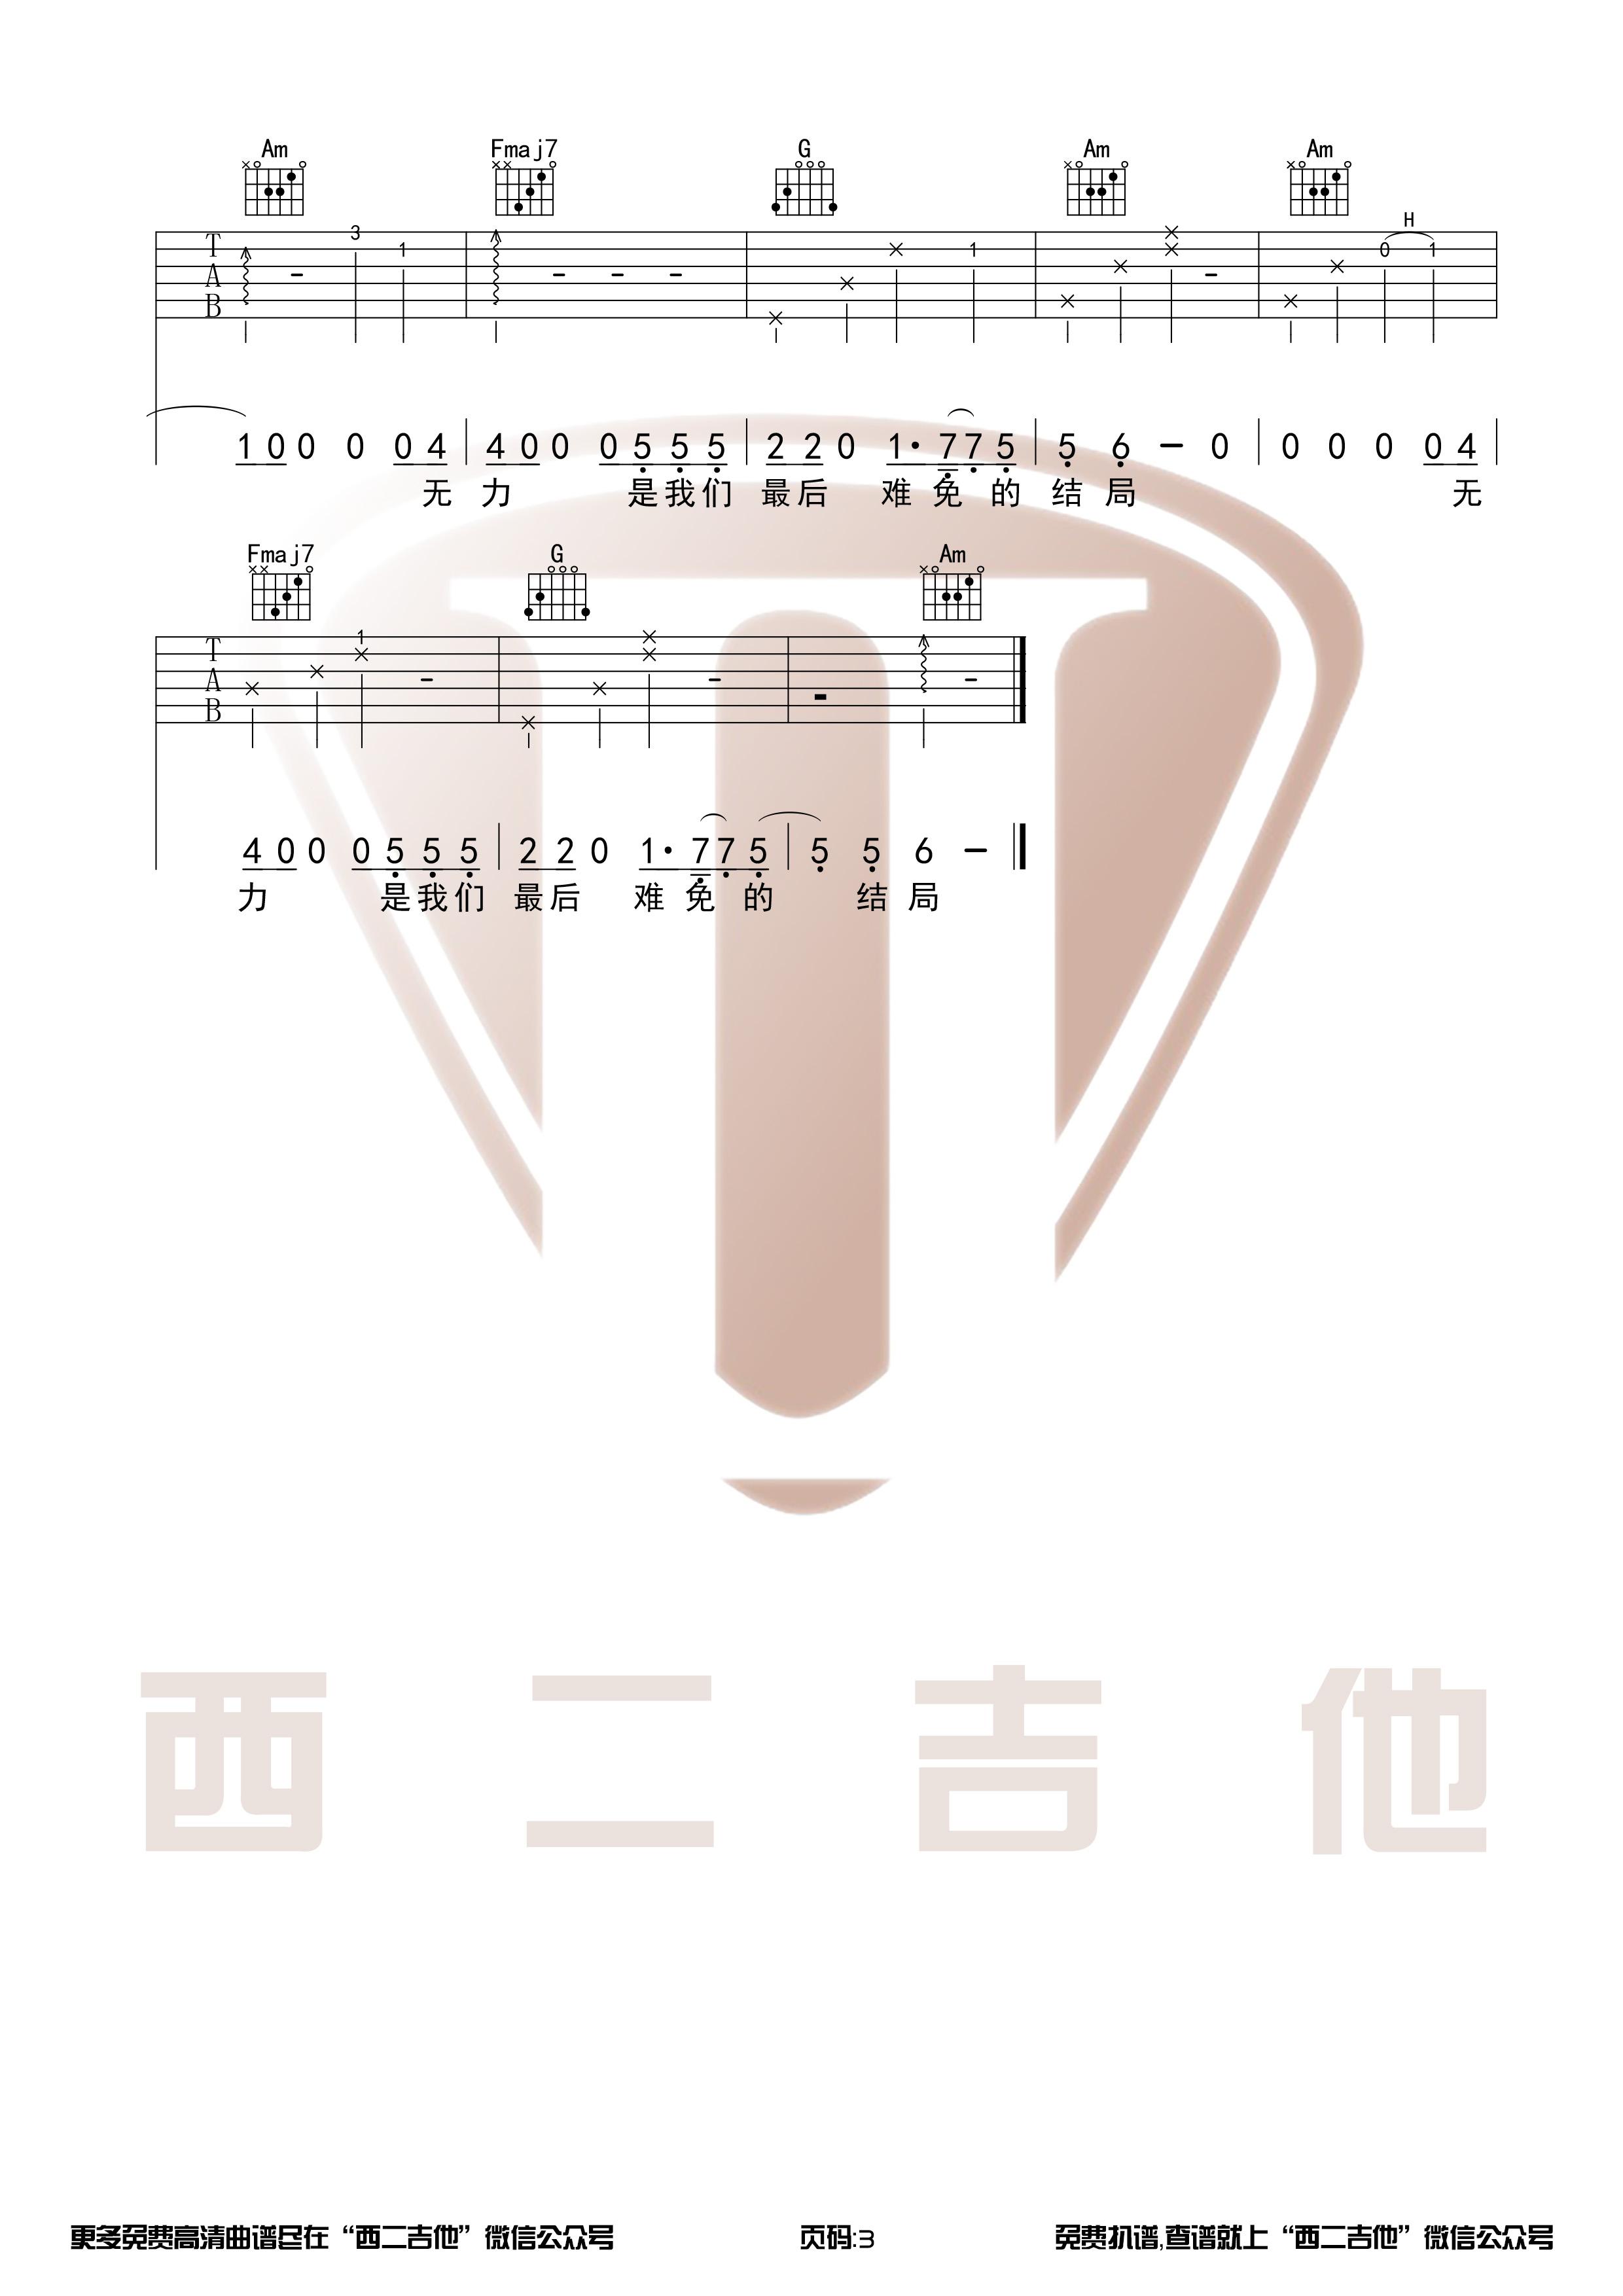 隔壁老樊《多想在平庸的生活拥抱你》demo原版吉他谱【西二吉他】制谱-吉他谱-C大调音乐网